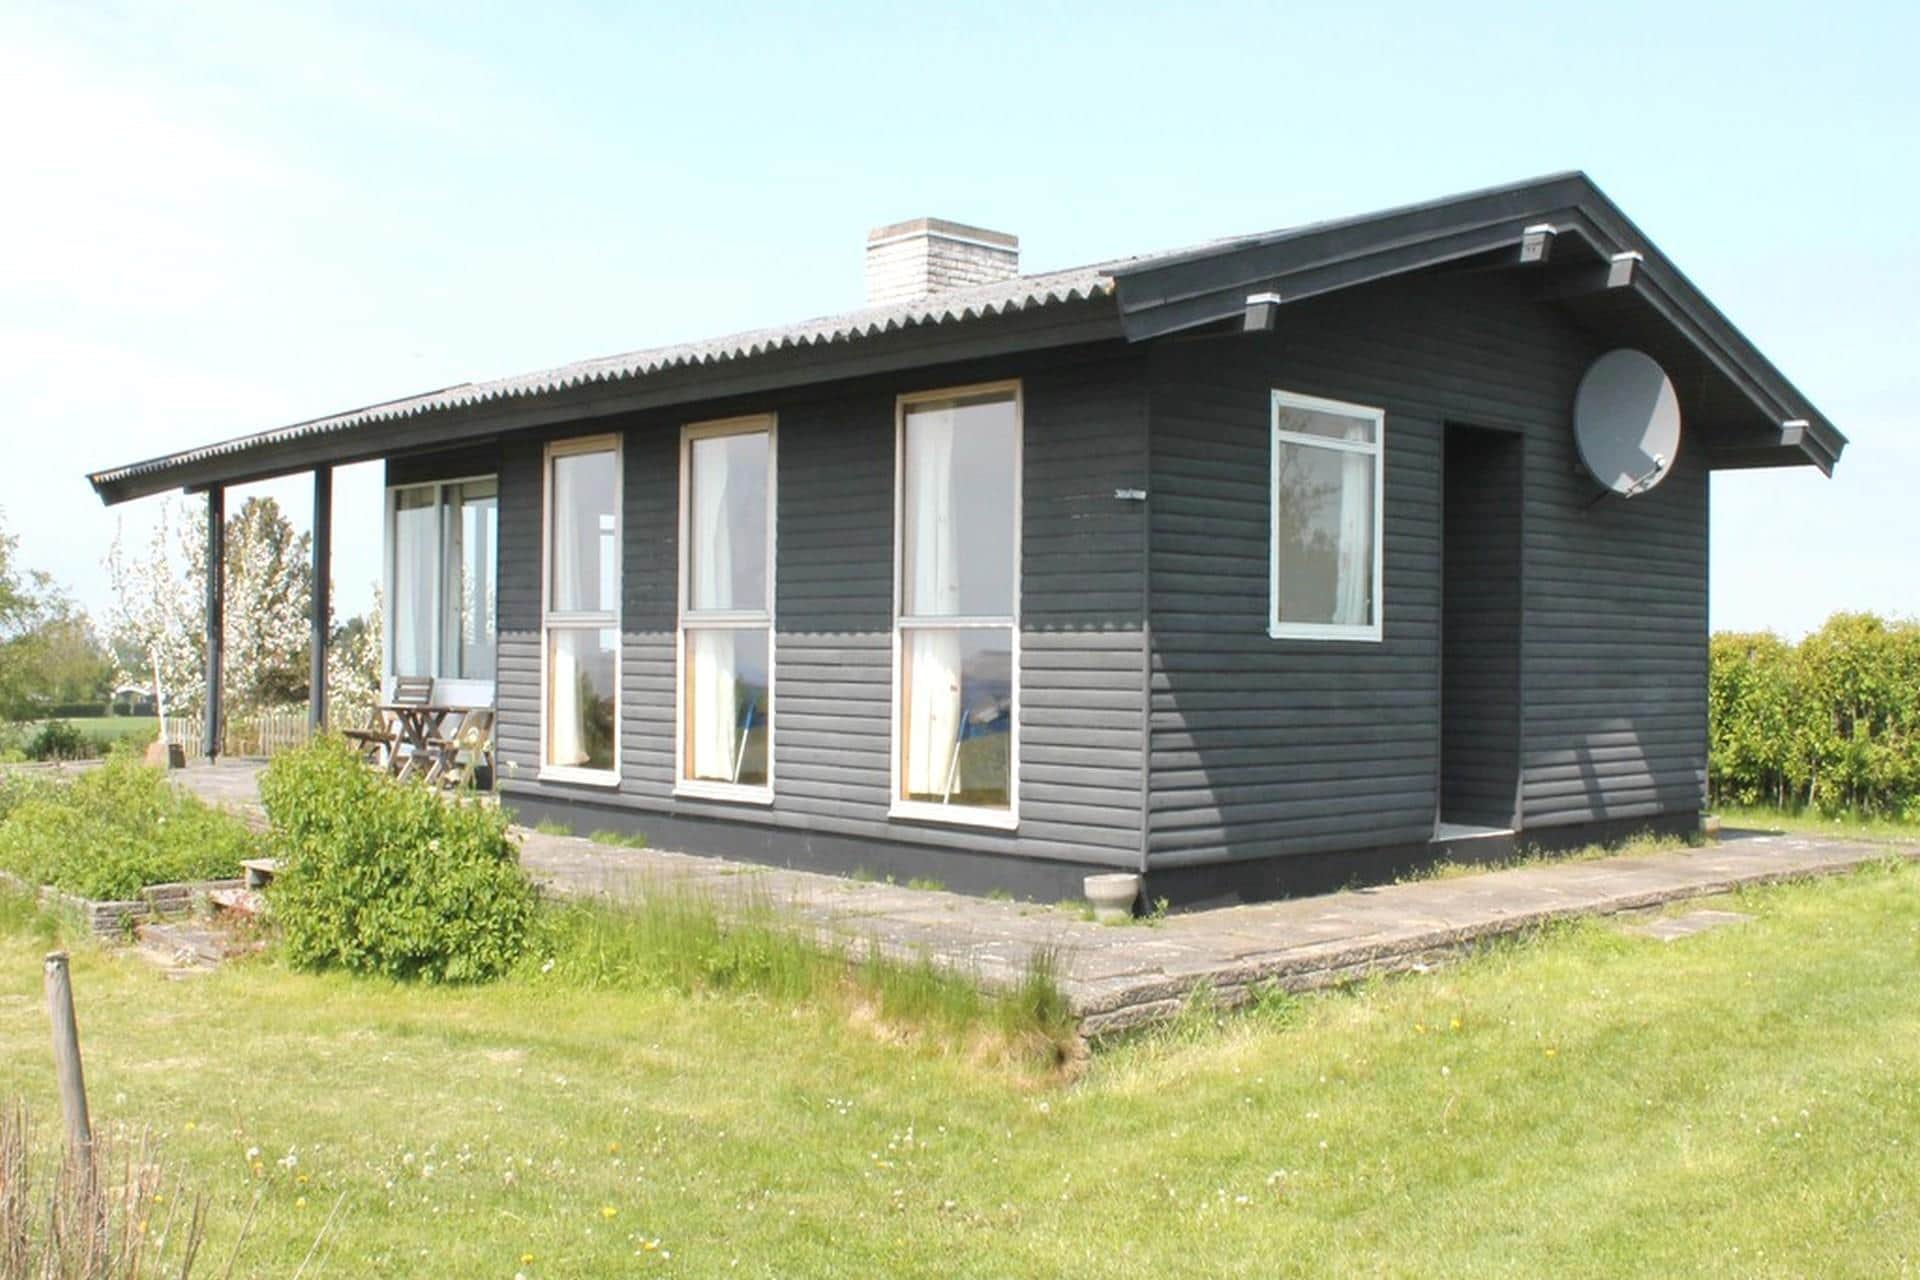 Billede 1-26 Sommerhus SL059, Idunsvej 30, DK - 4200 Slagelse